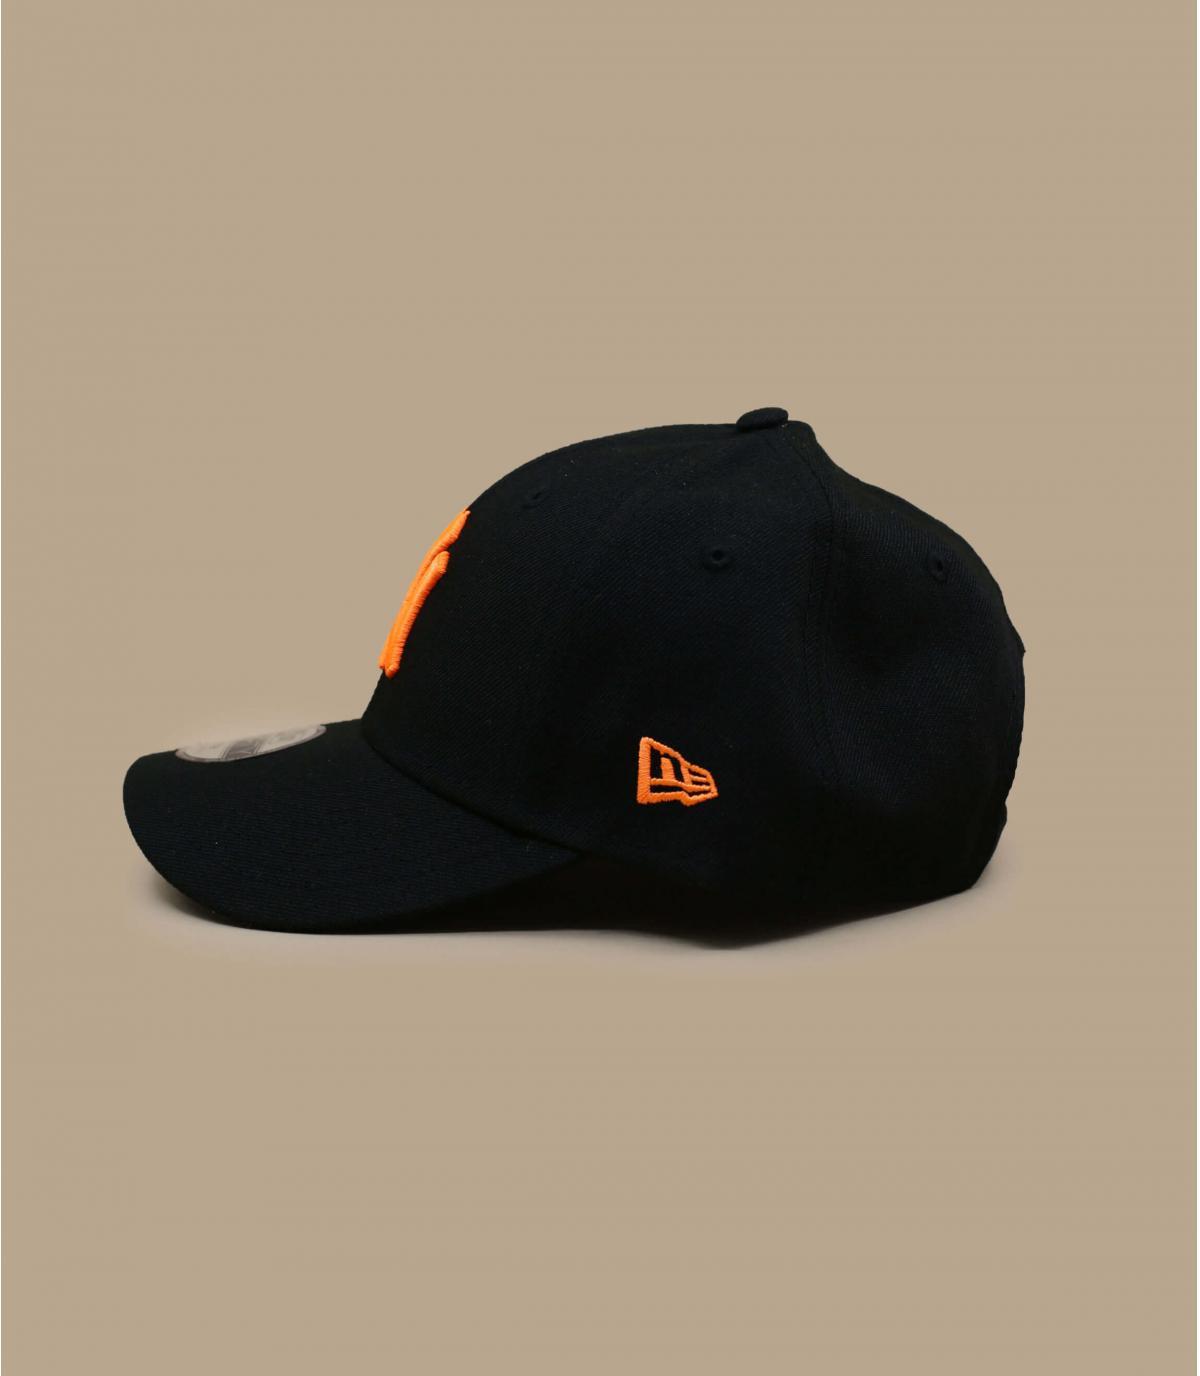 Détails Casquette Kids Neon Pack NY 940 black orange - image 3